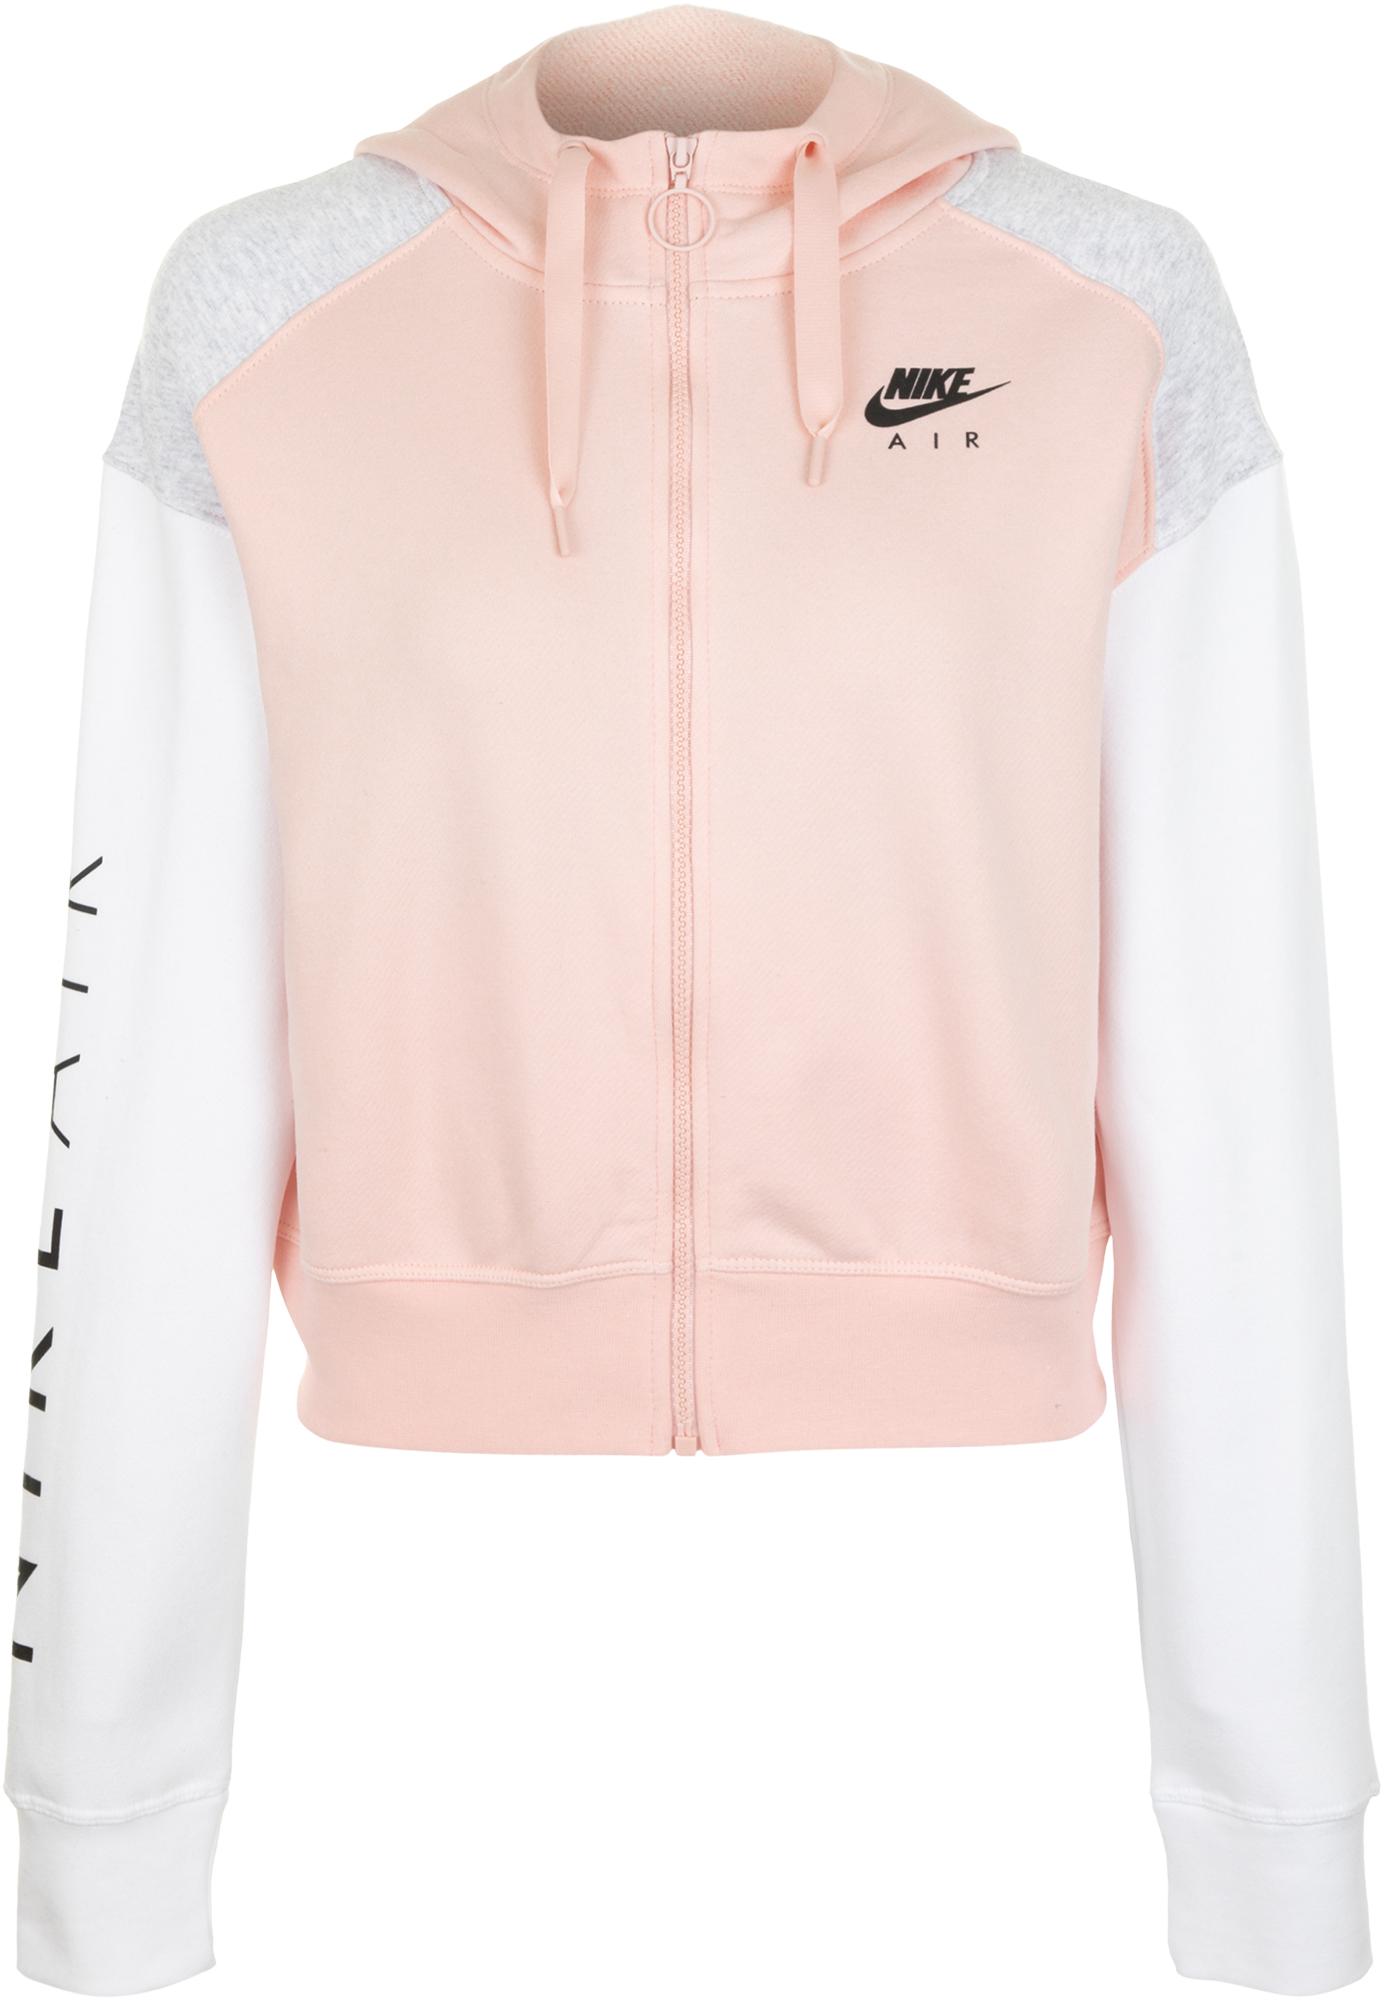 Nike Толстовка женская Nike Air, размер 48-50 nike майка женская nike размер 48 50